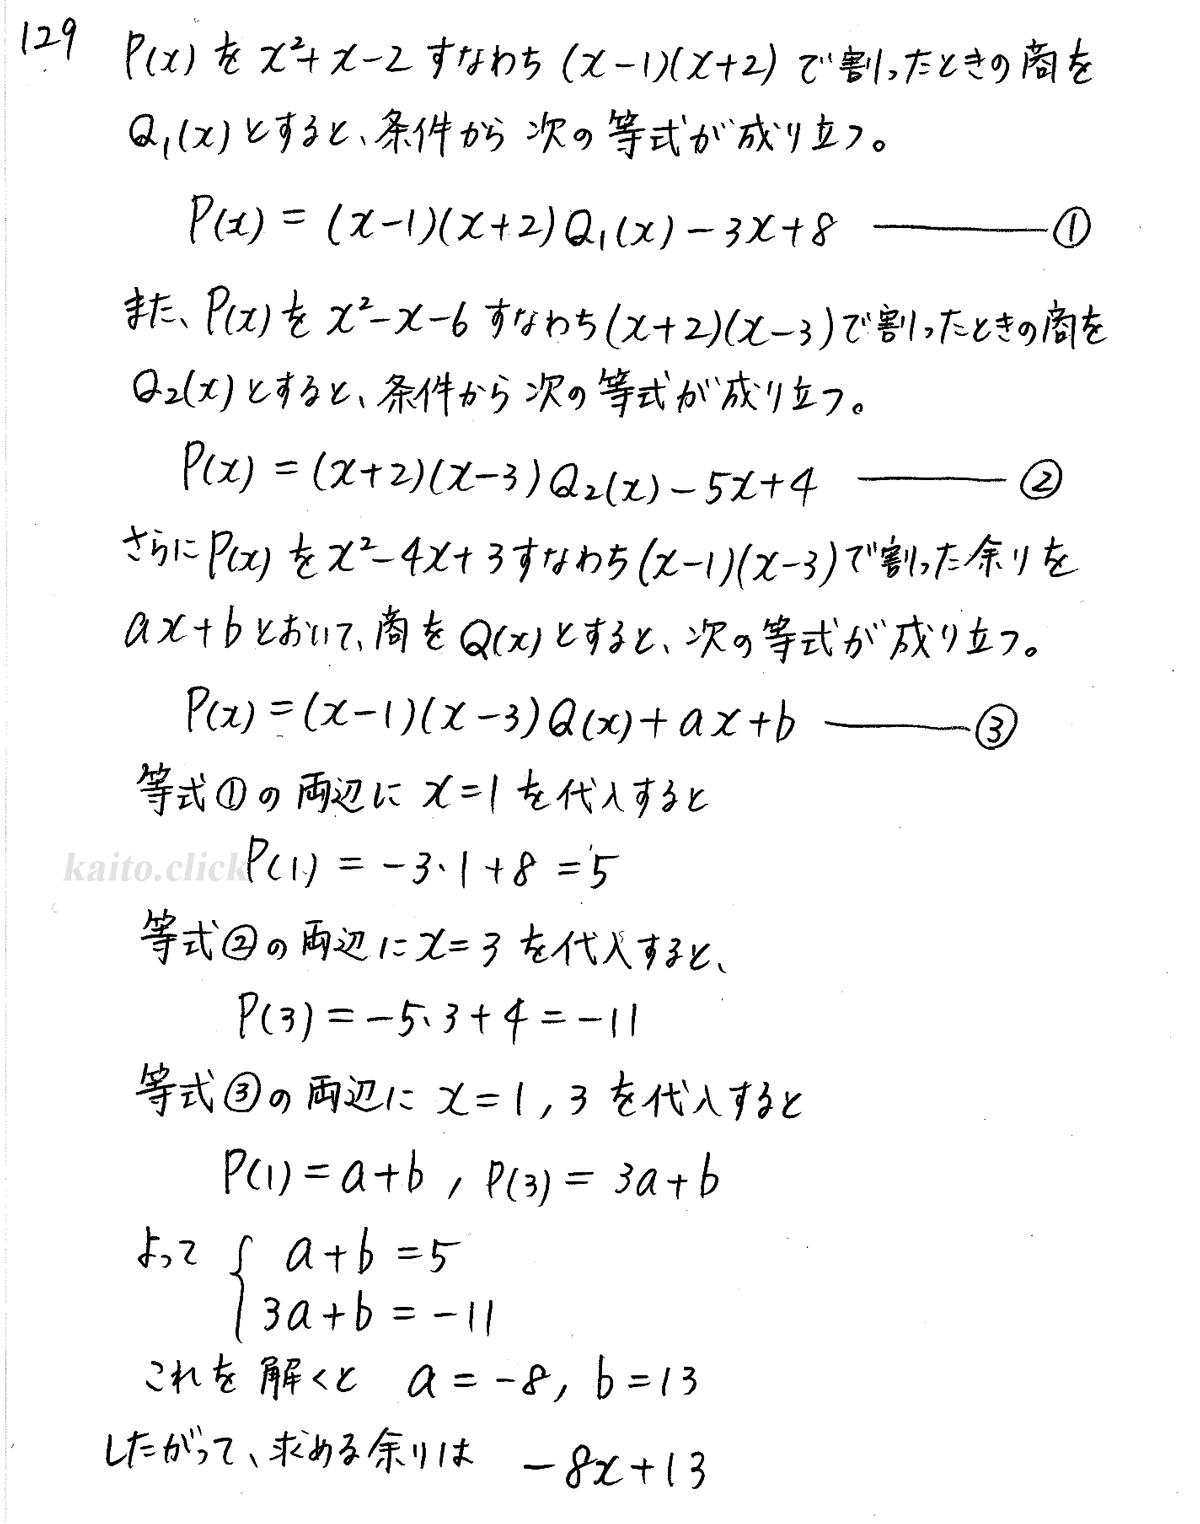 クリアー数学2-129解答